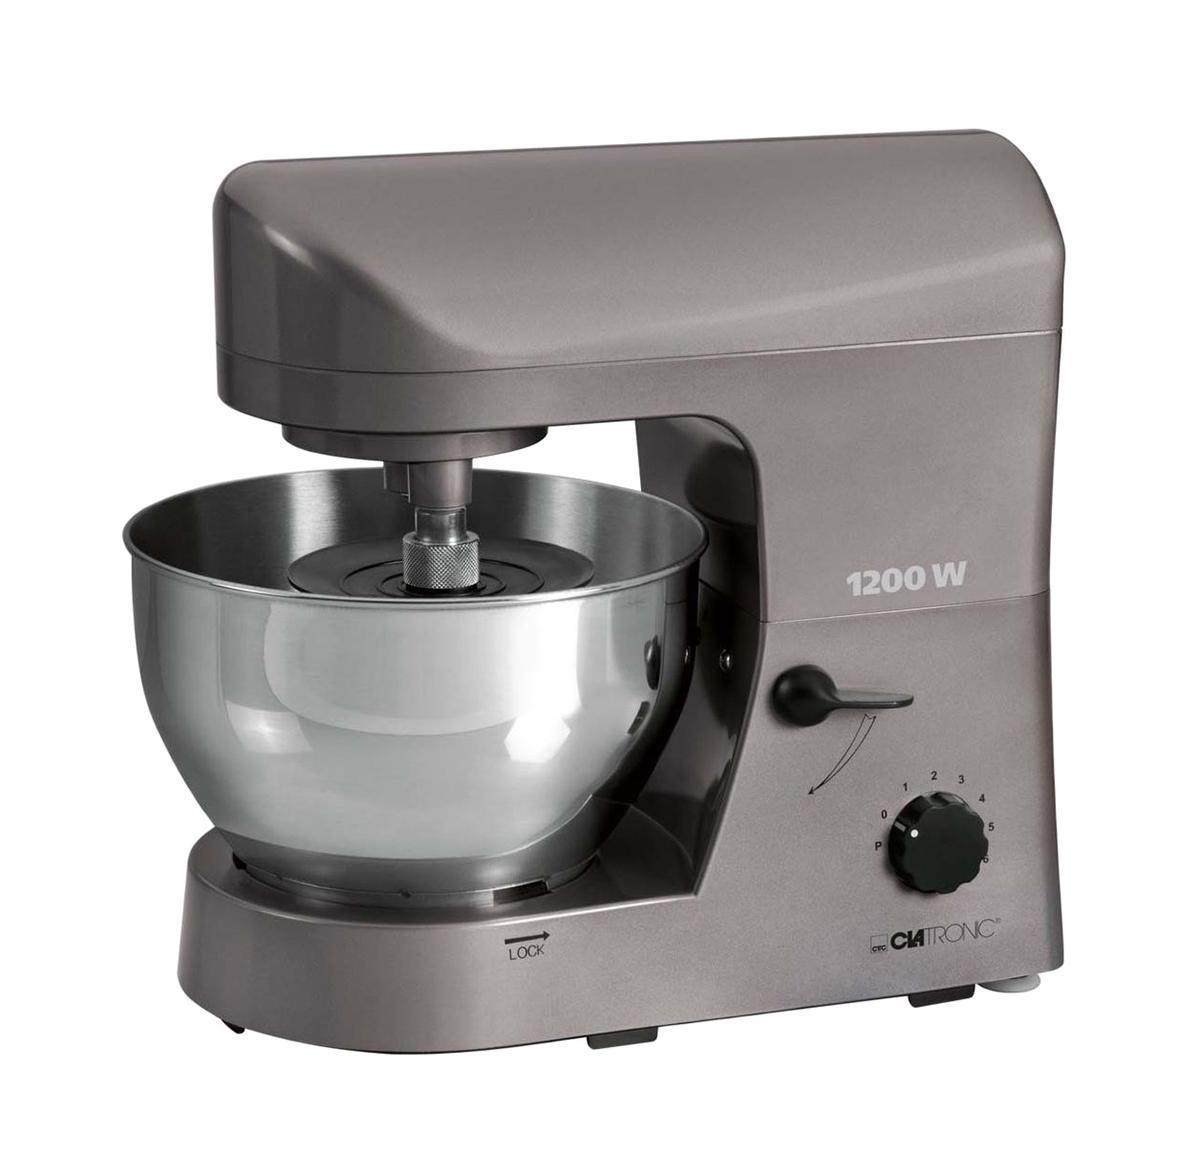 Clatronic KM 3400, Titan кухонный комбайнKM 3400 titan 1200 WClatronic KM 3400 - это удобный, многофункциональный кухонный комбайн, оптимальный практически для любой кухни. Он имеет 7 скоростей, прорезиненные ножки, импульсный режим и дополнительный крюк для тяжелого теста. Множество насадок облегчат работу любой хозяйки и сделают приготовление пищи удобным и комфортным занятием.